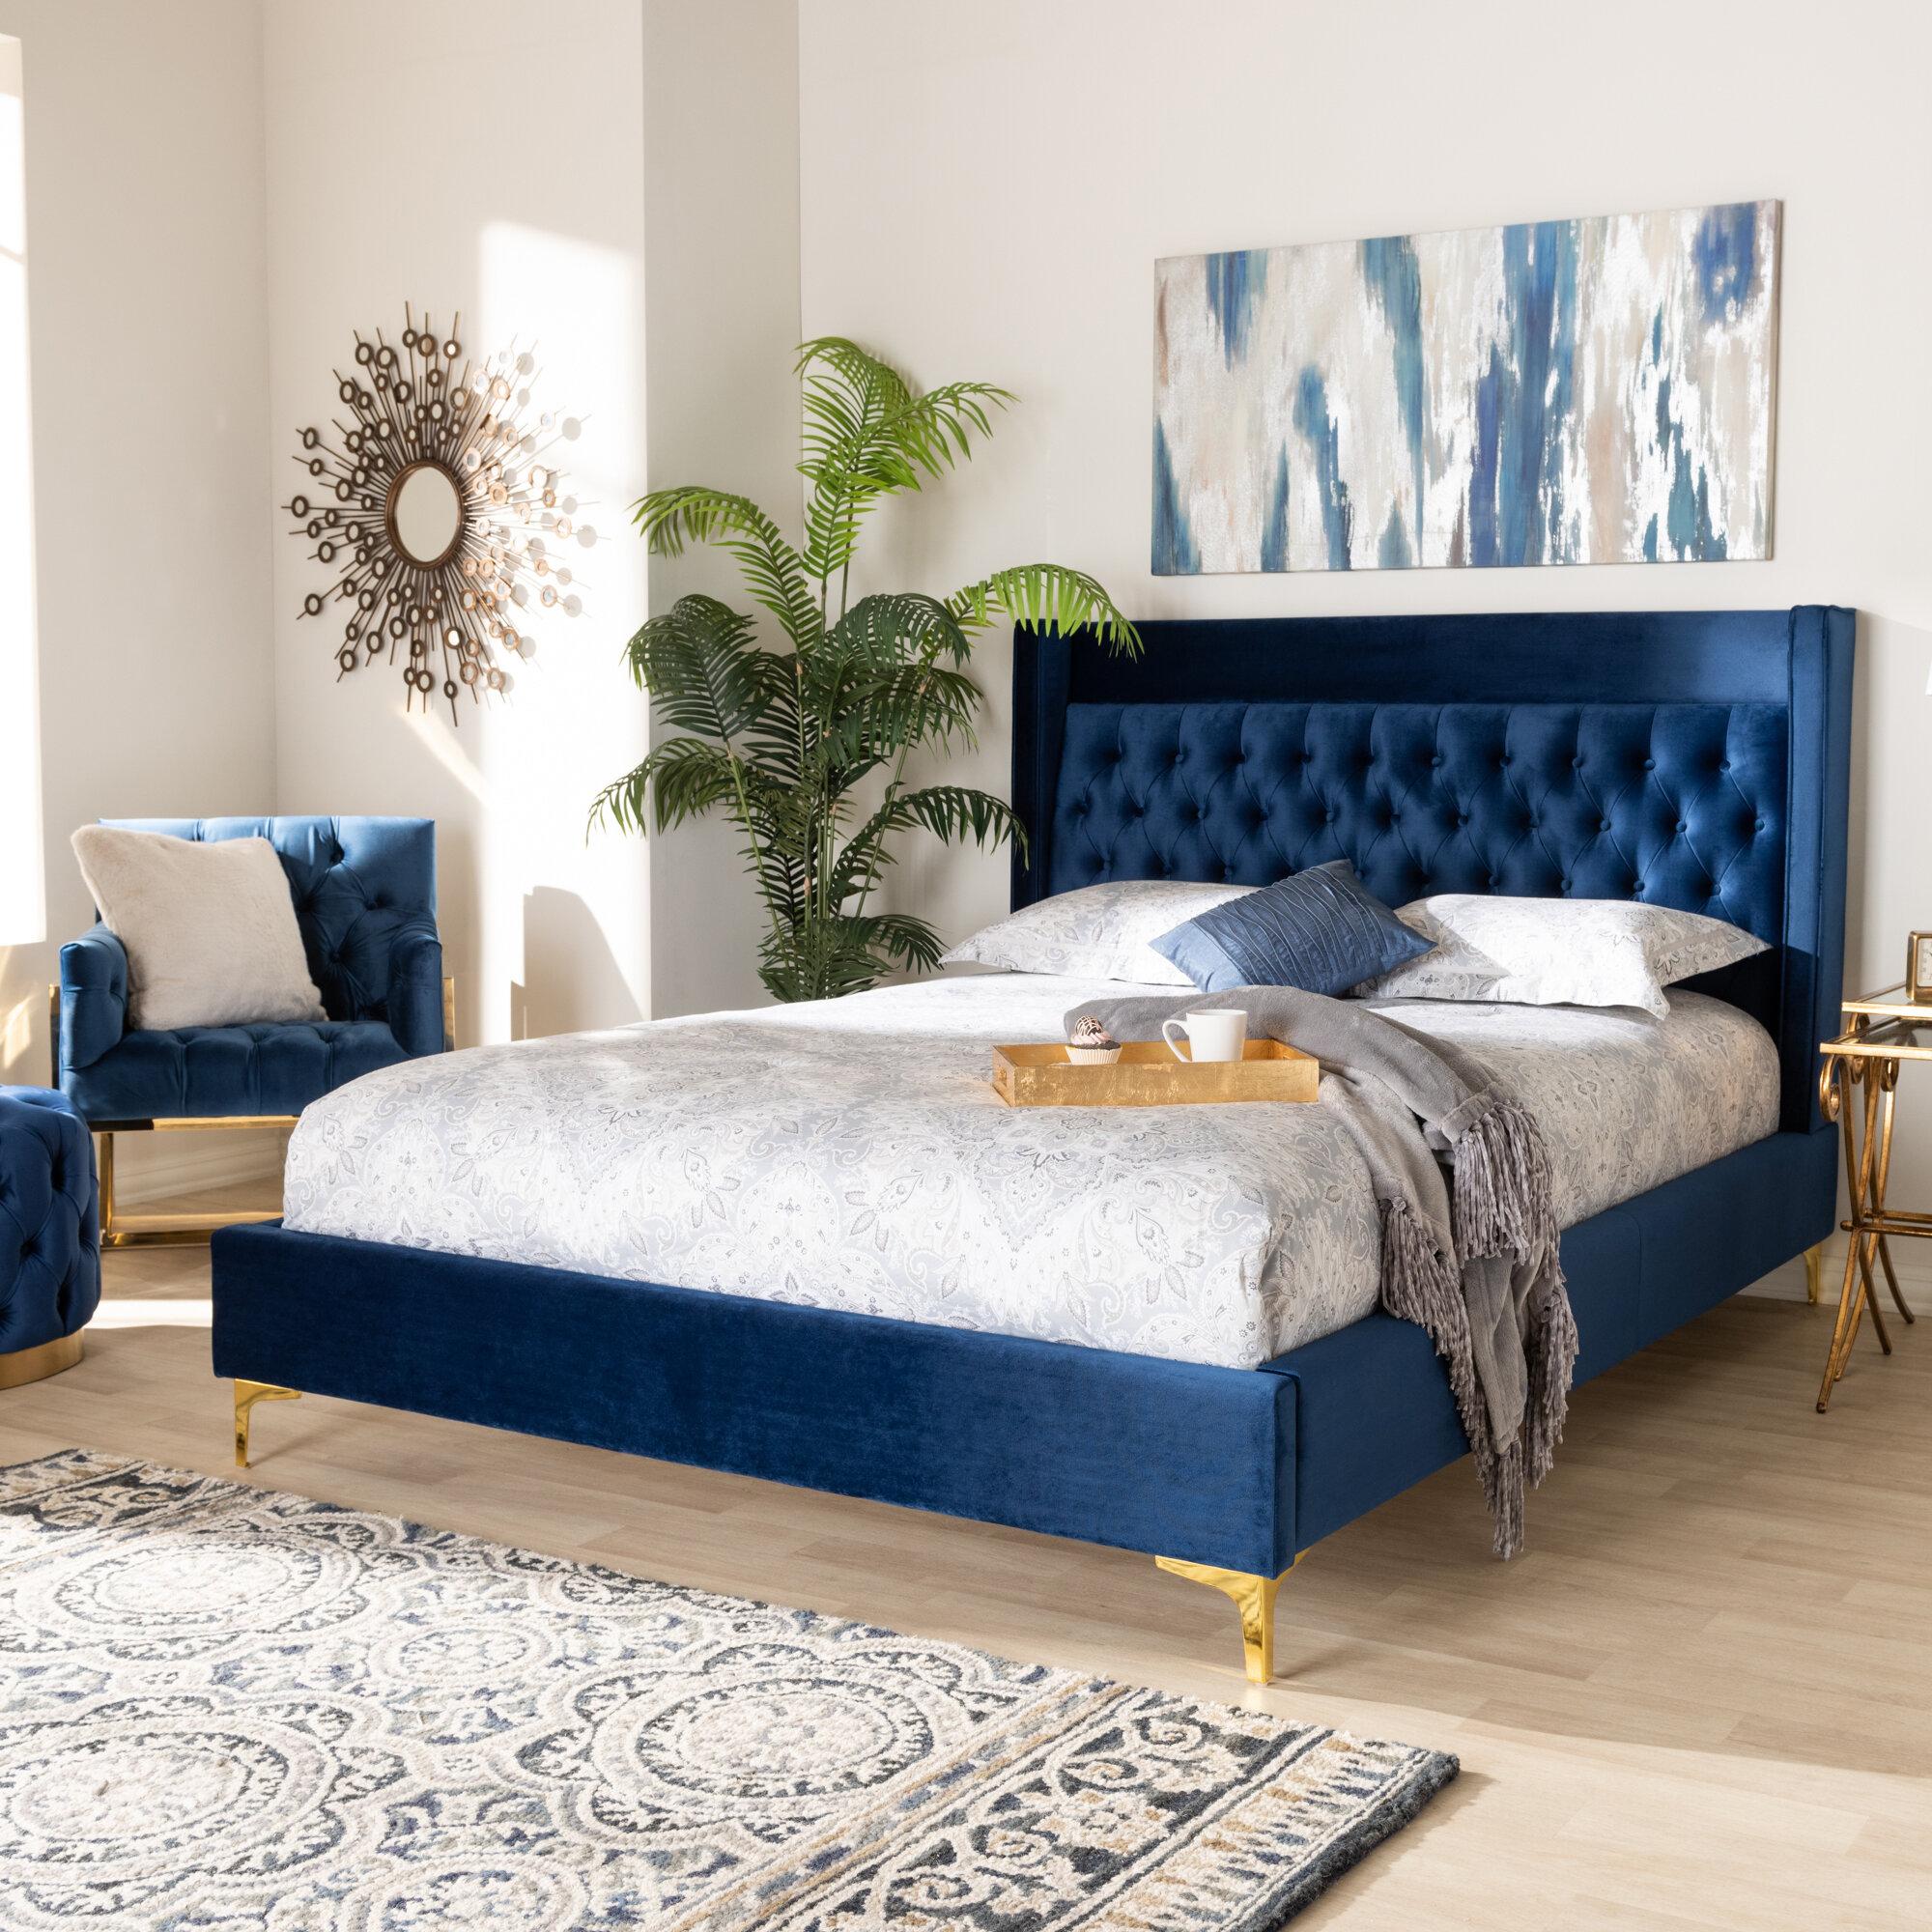 Mercer41 Maude Velvet Upholstered Platform Bed Reviews Wayfair